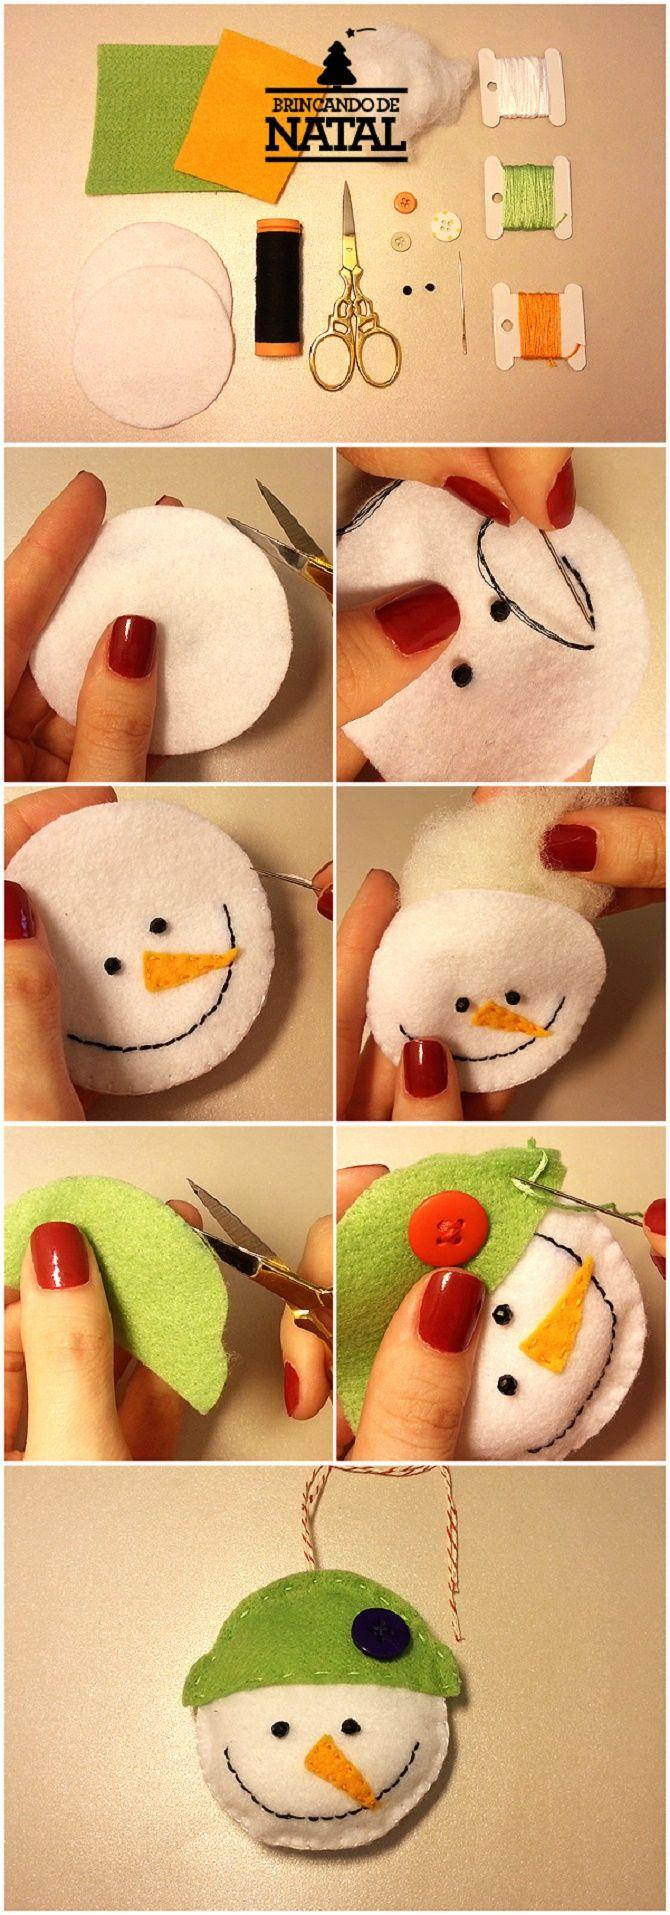 Как сделать снеговика из ватных дисков – лучшие новогодние поделки 9